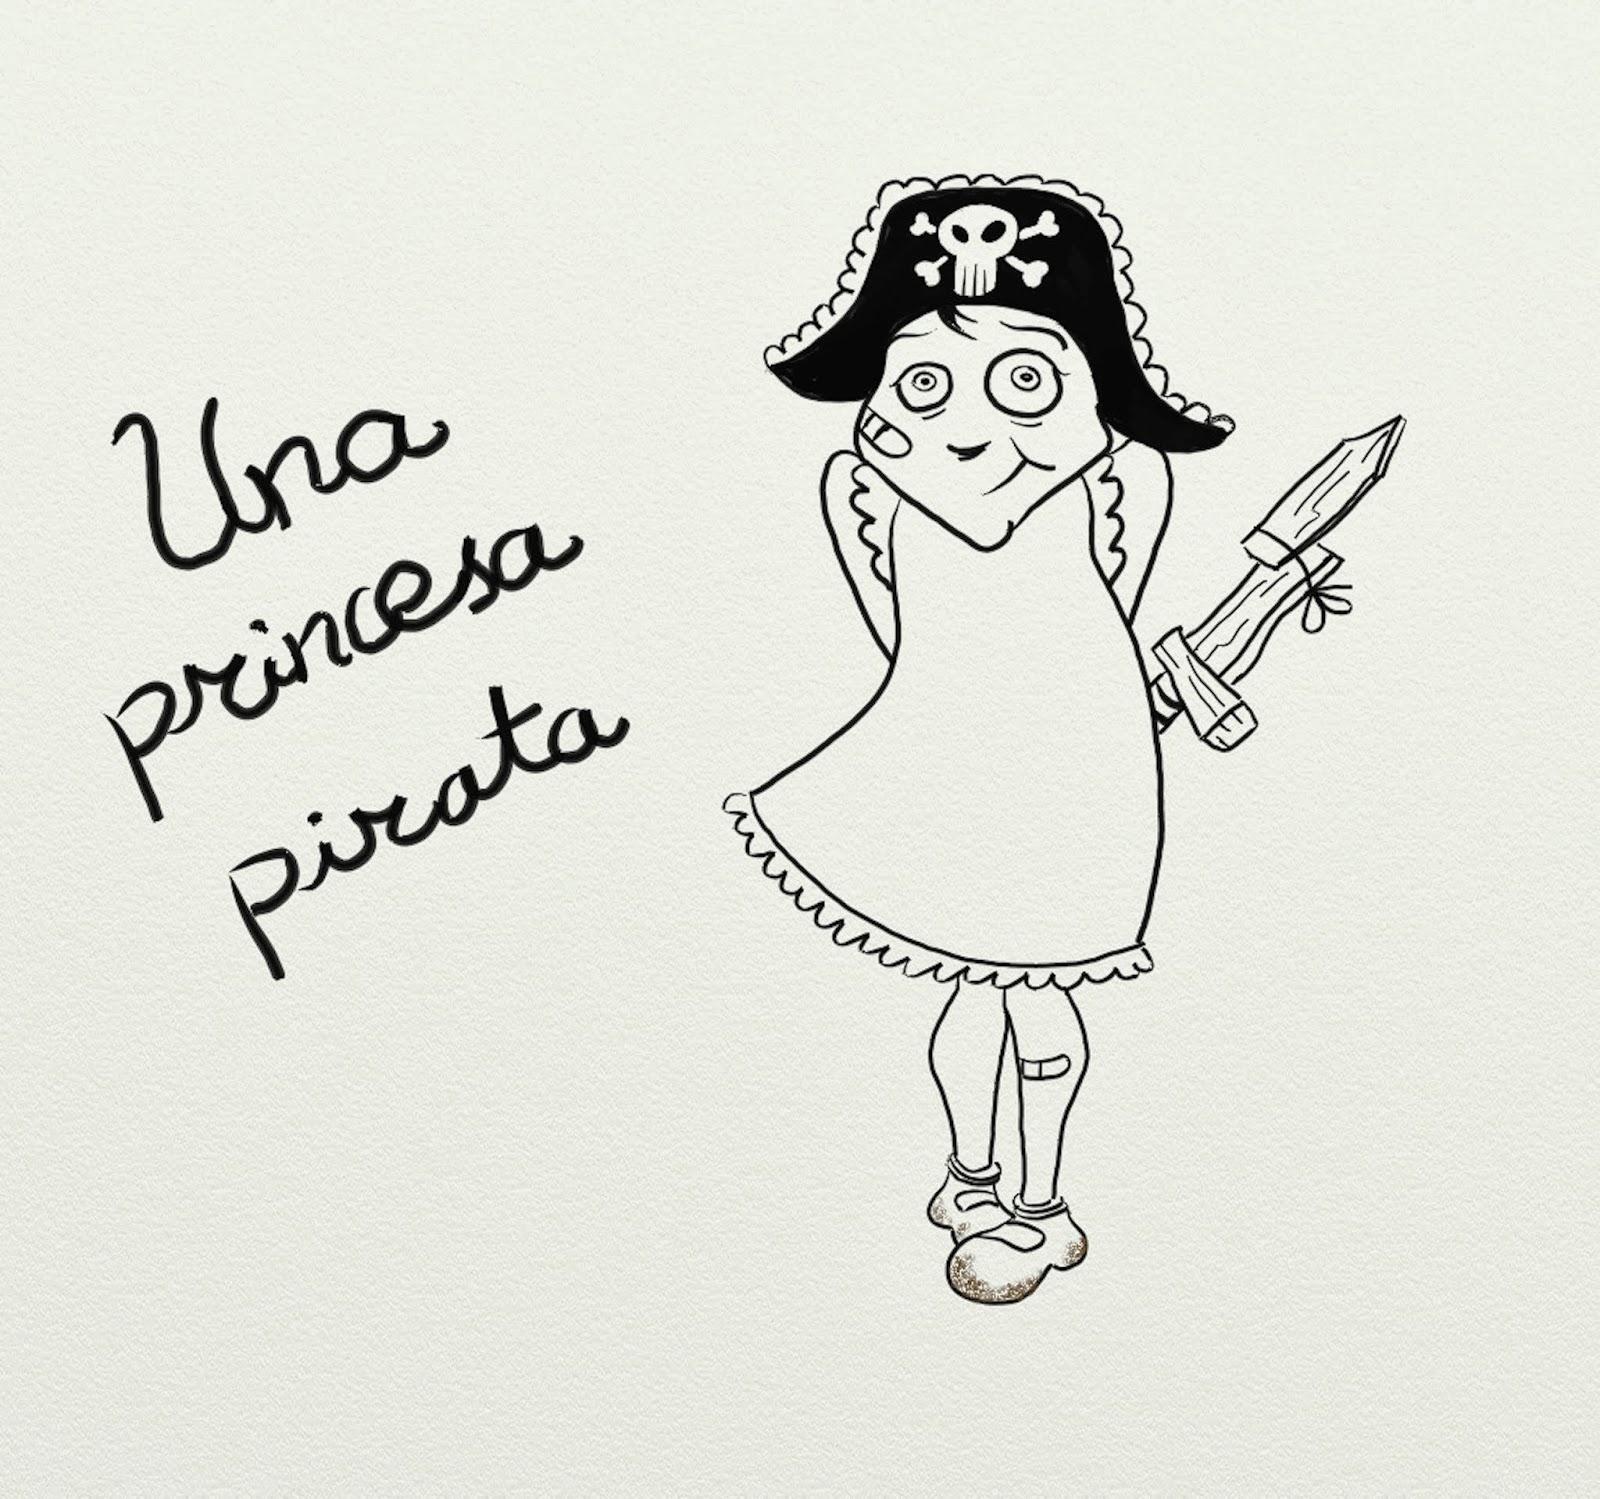 Una Princesa Pirata: Garabatos en cubierta